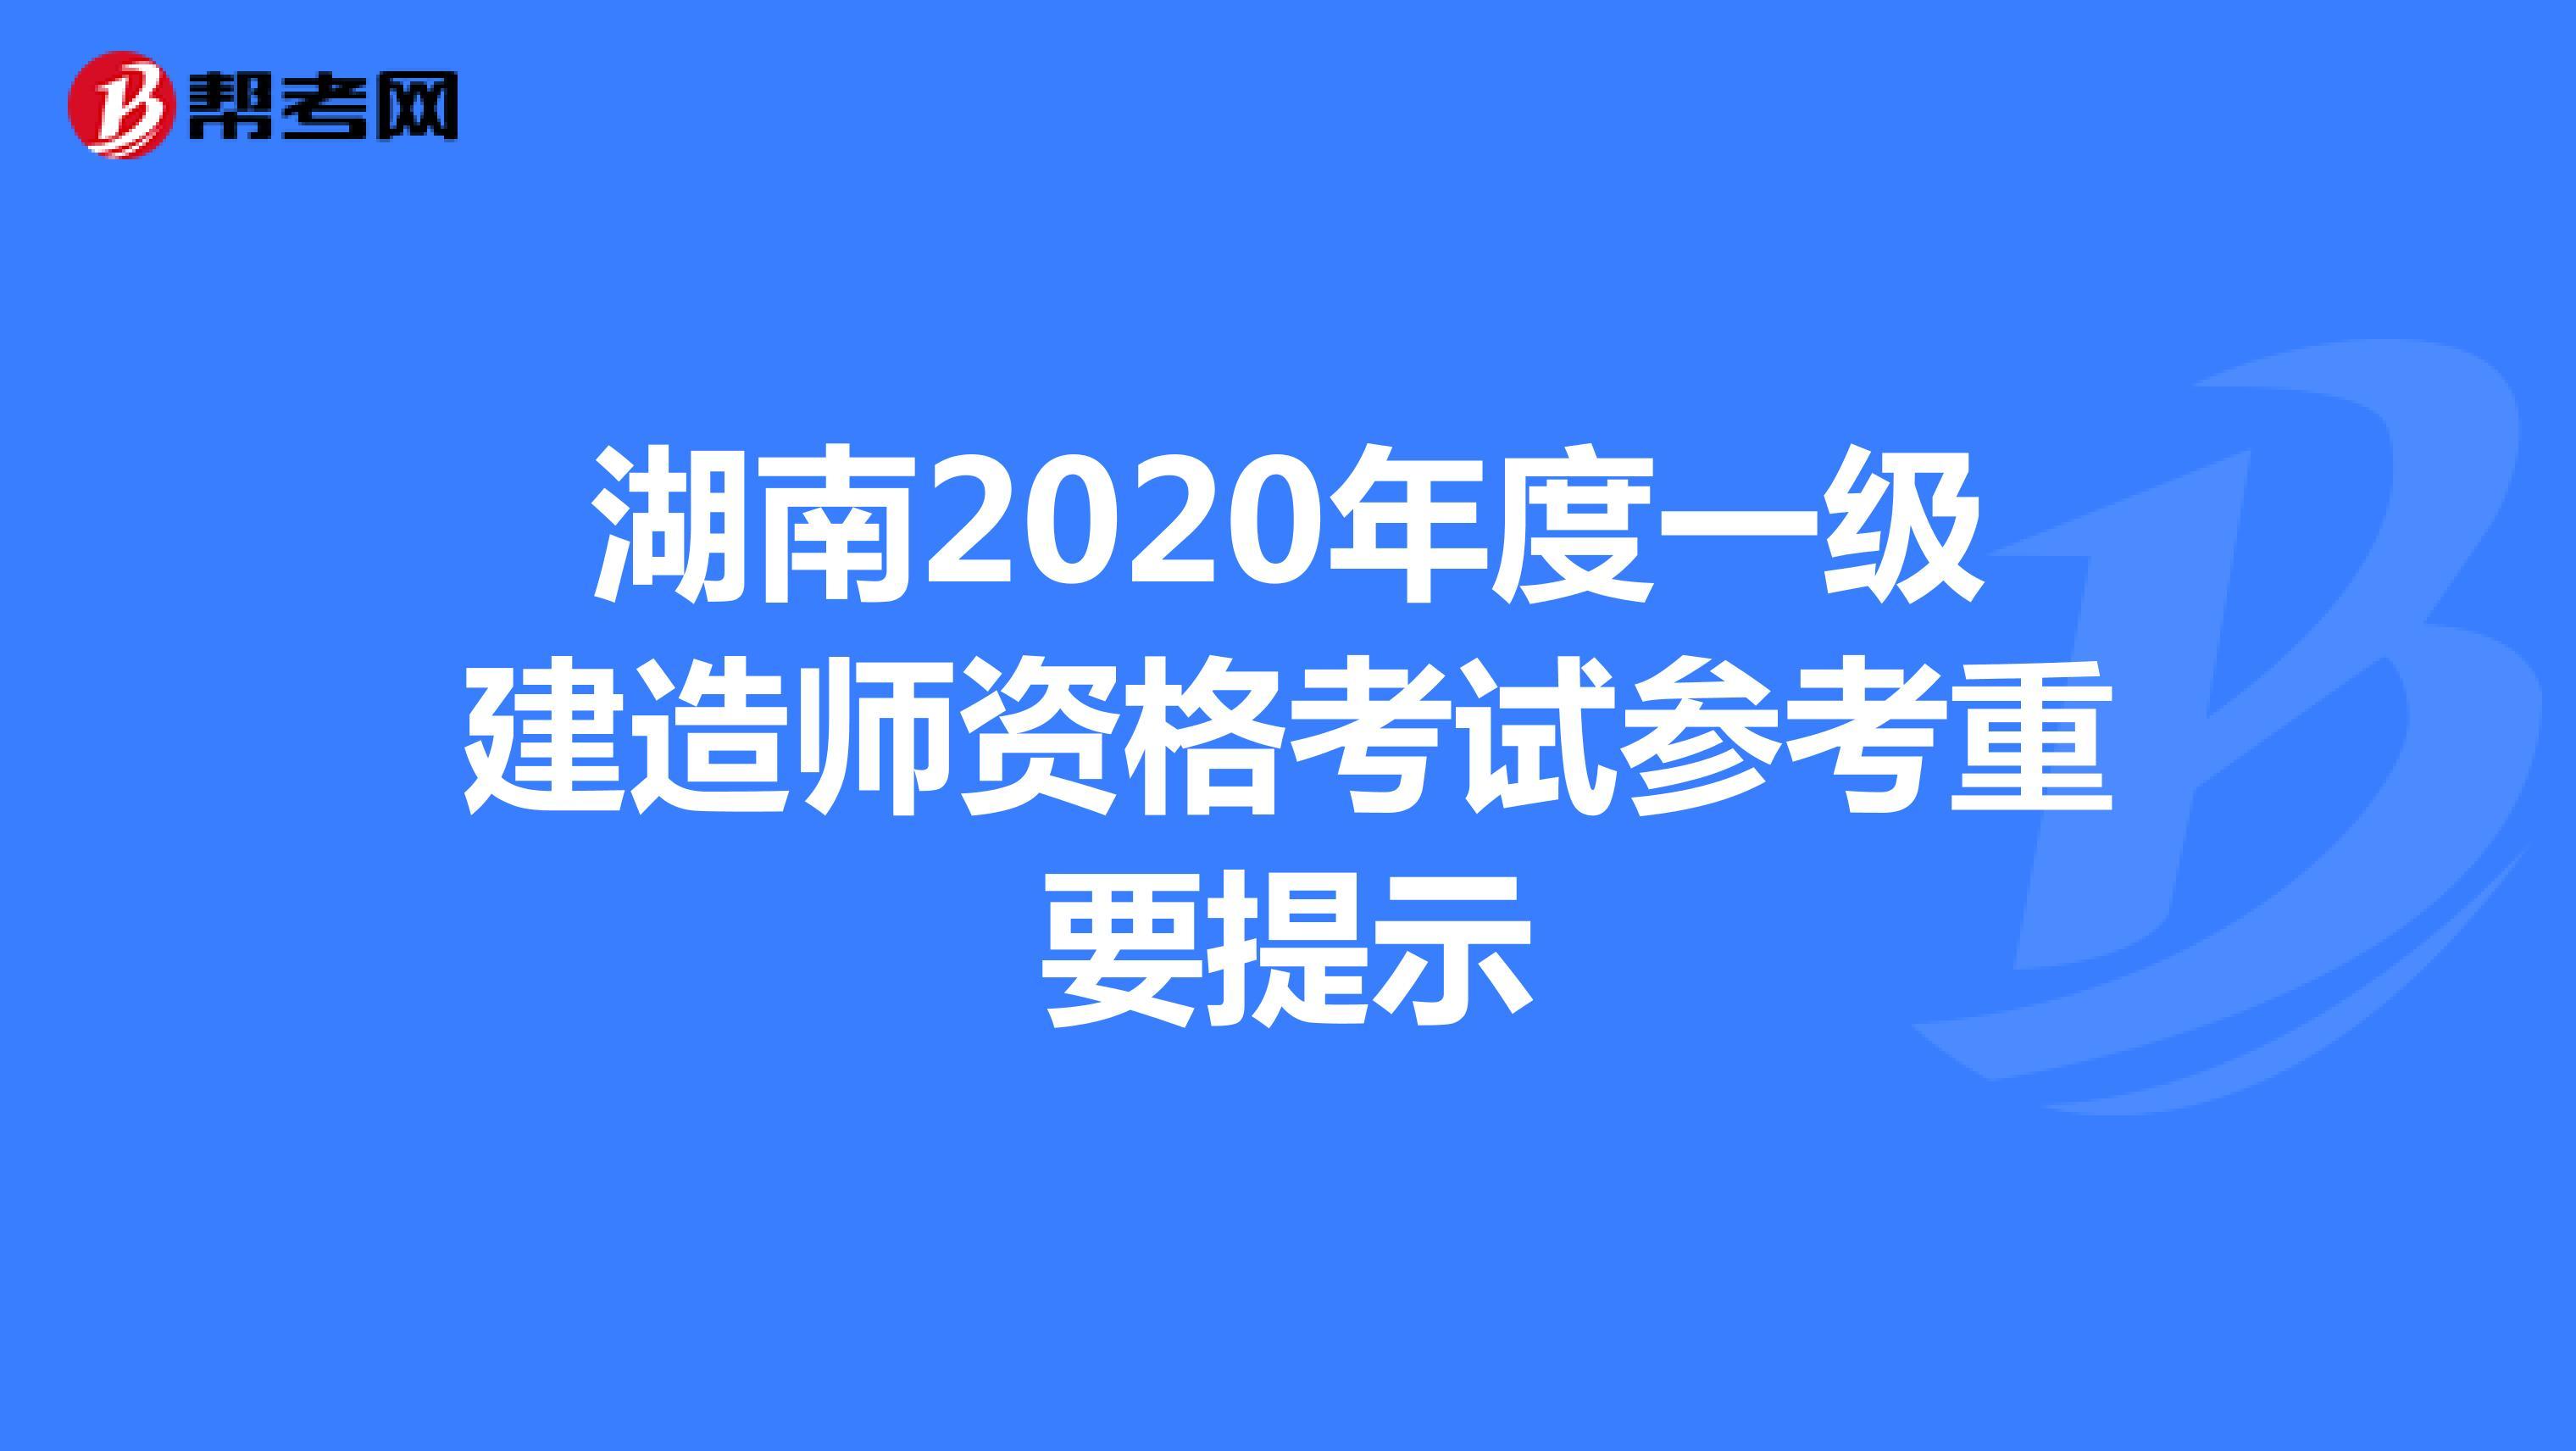 湖南2020年度一级建造师资格考试参考重要提示